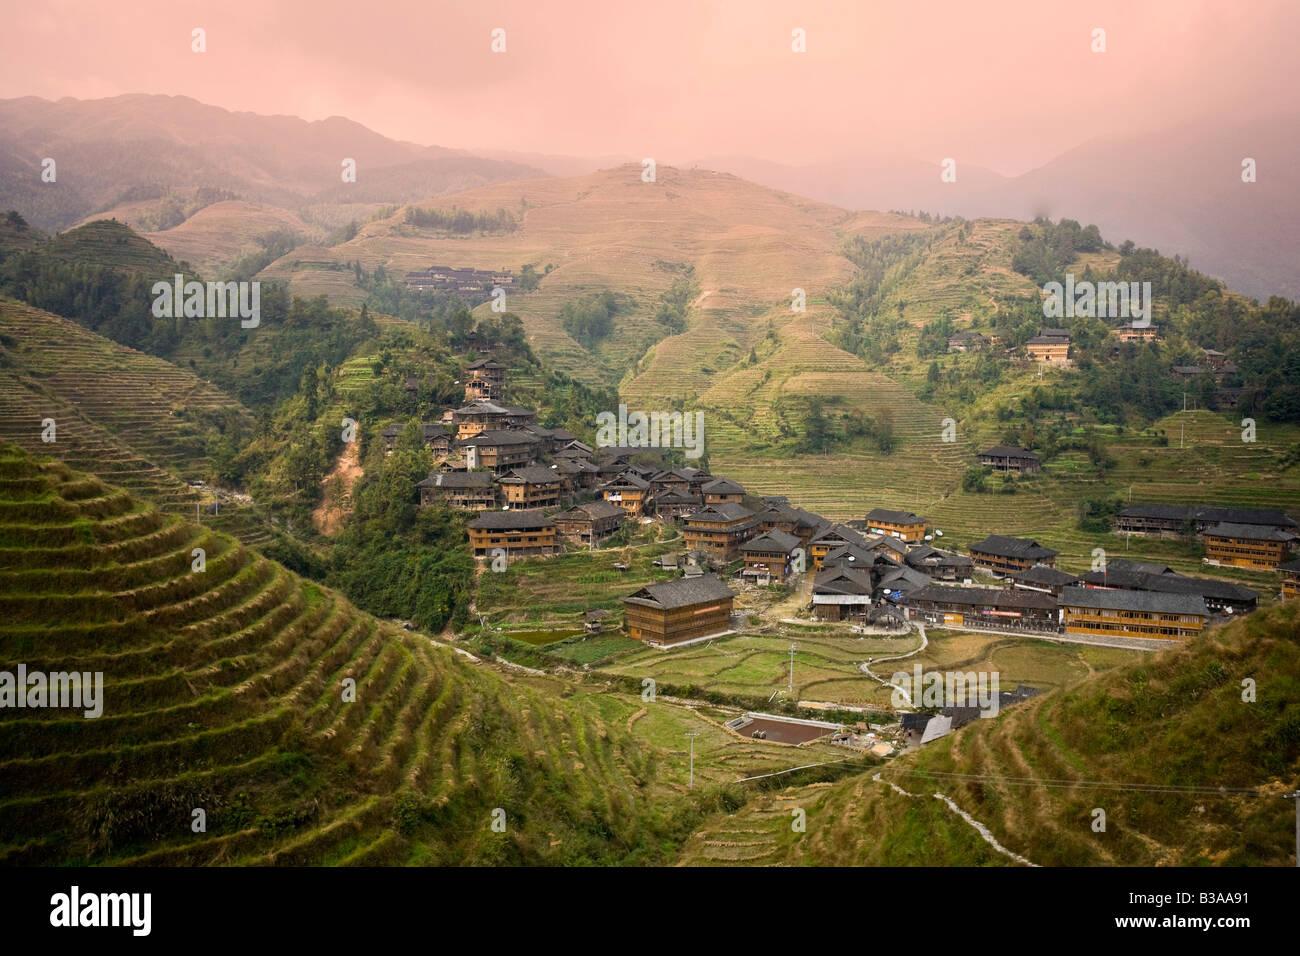 Yao Village of Dazhai, Longsheng, Guangxi Province, China Stock Photo